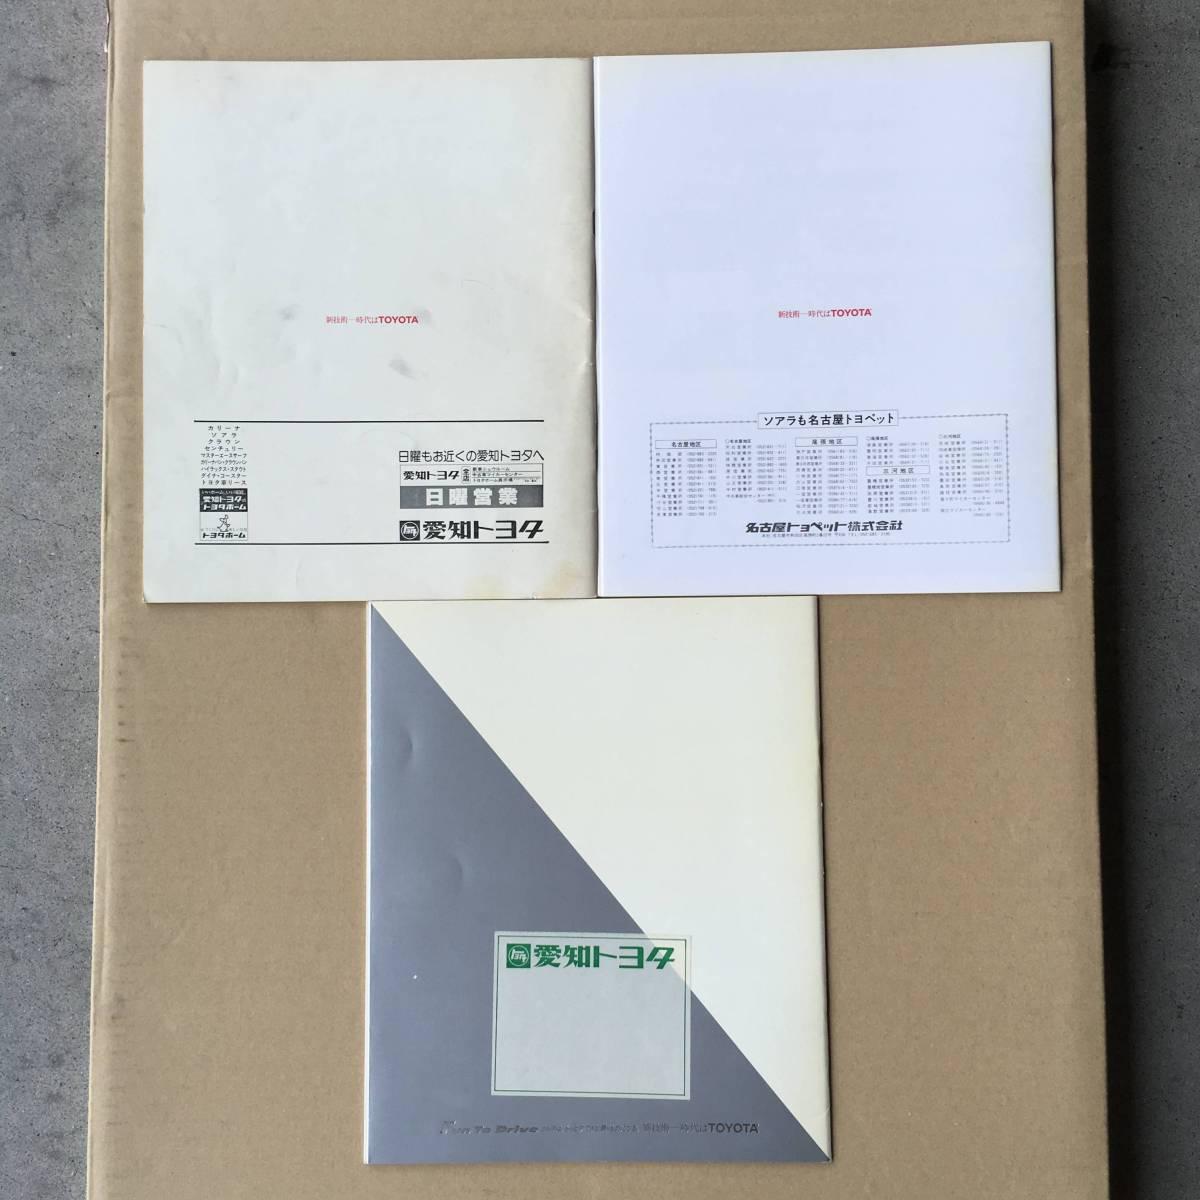 ☆ ソアラ 3冊まとめて SOARER トヨタ TOYOTA カタログ パンフレット ☆_画像3